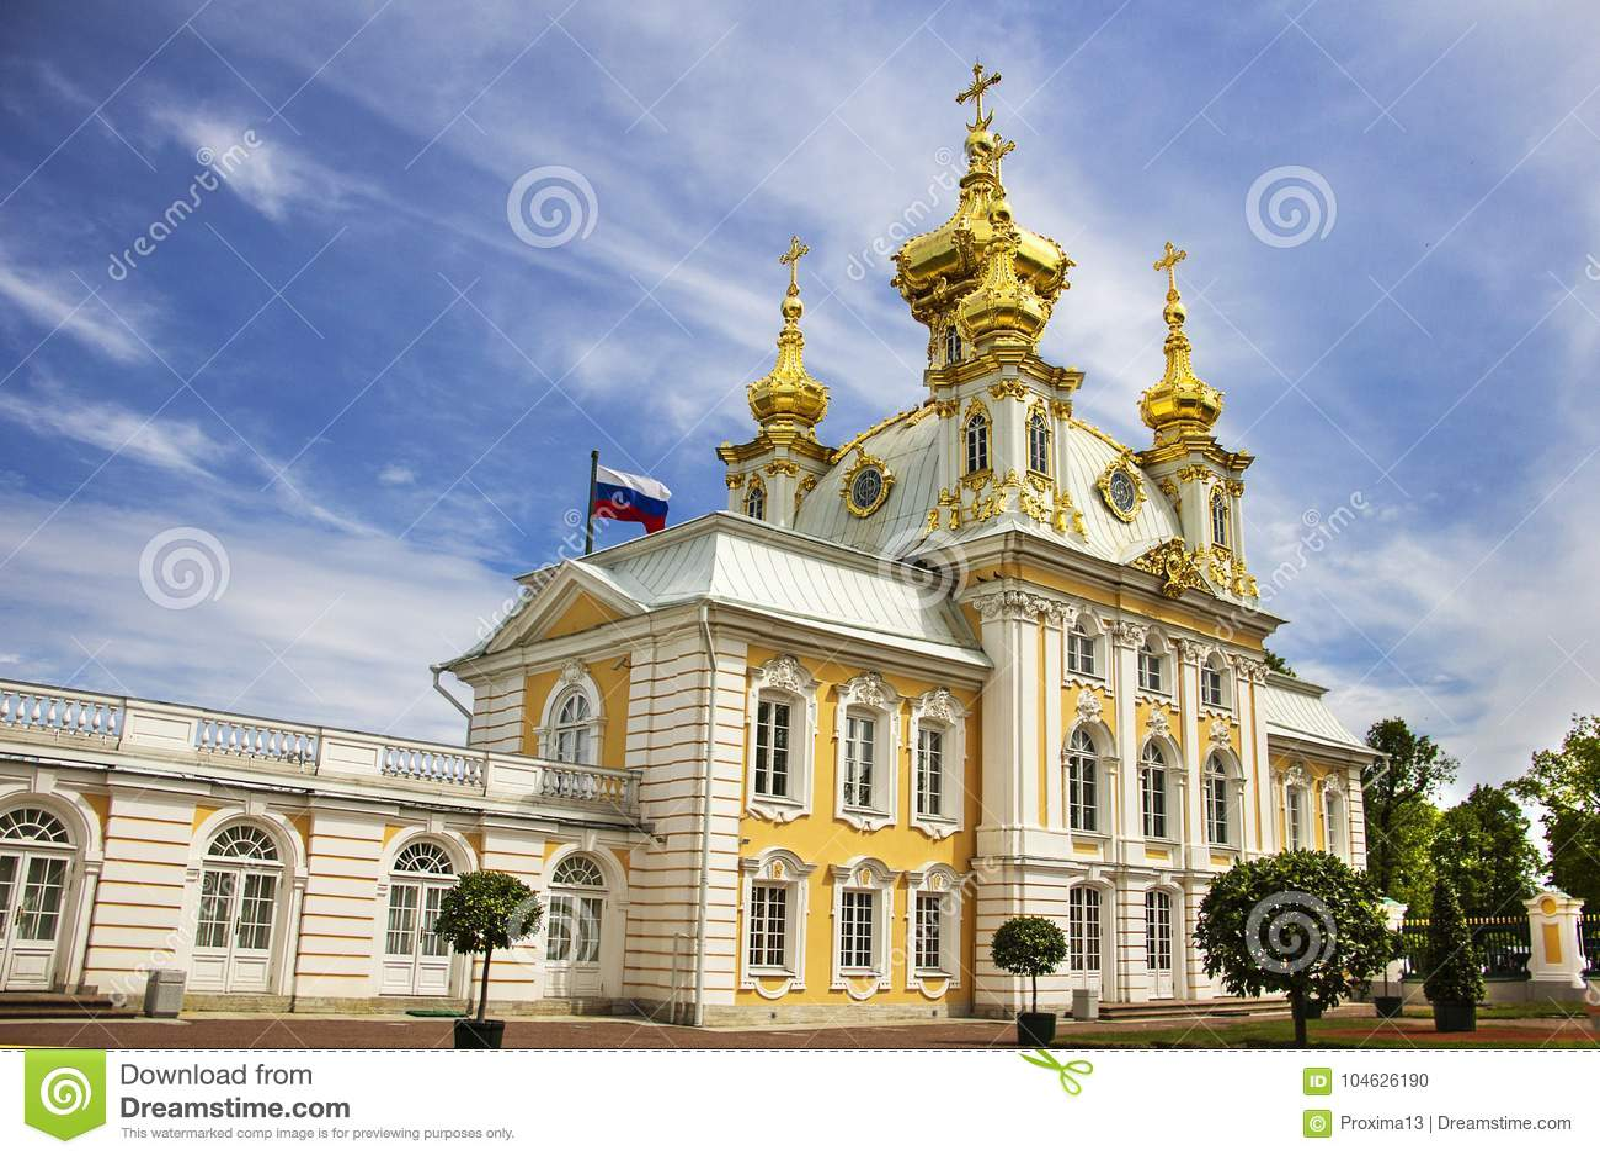 Download Het Huistempel Van De Kerkhuisvesting Van Het Grote Paleis In Peterhof, St. Petersburg, Rusland Redactionele Afbeelding - Afbeelding bestaande uit huisvesting, geloof: 104626190